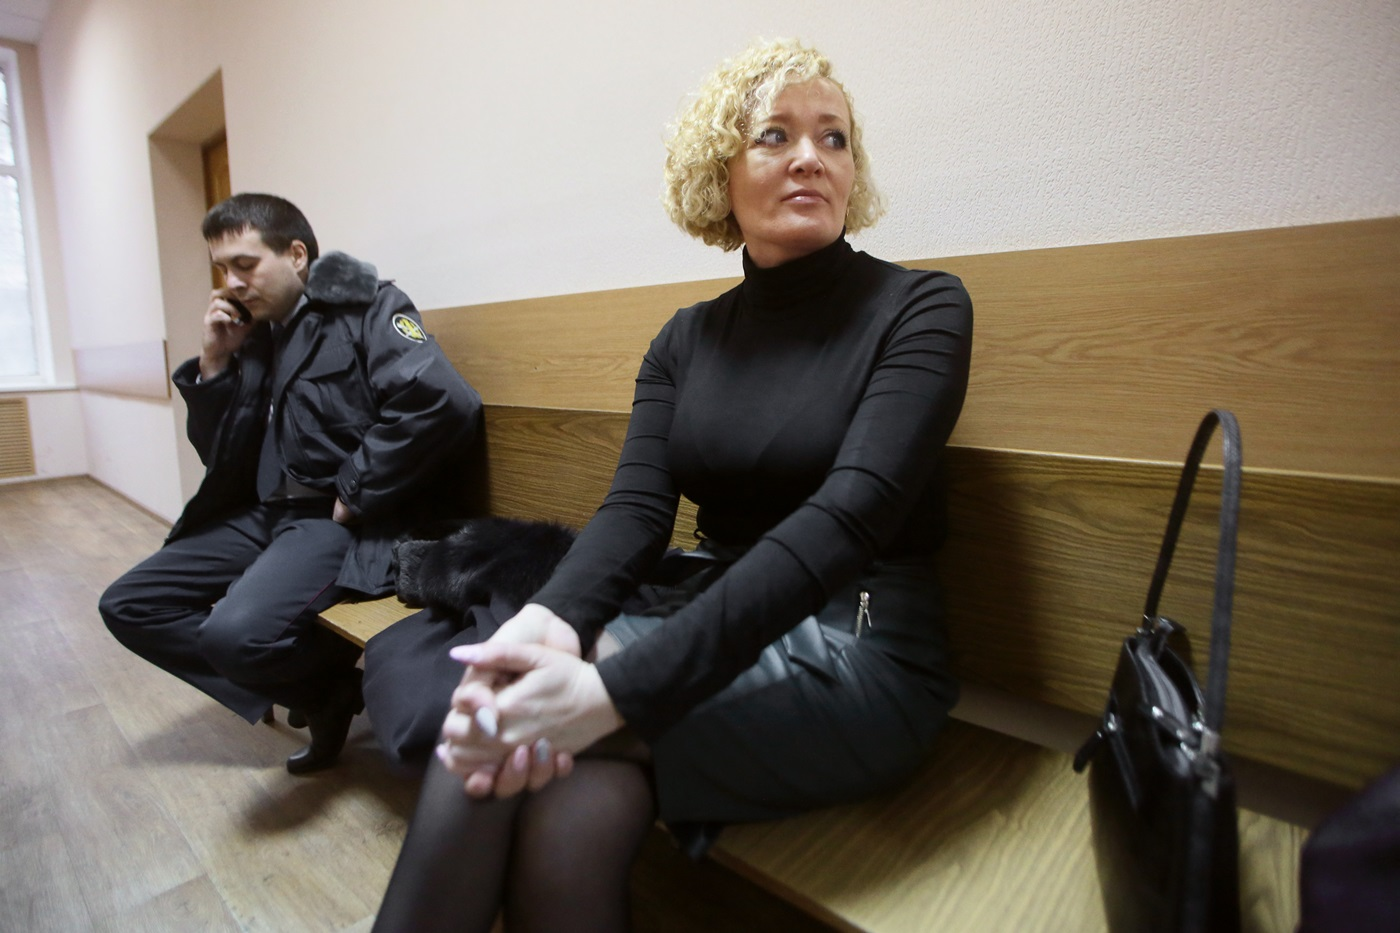 """Анастасия Шевченко: «Когда эшники меня задерживали, они сказали: """"Мы из тебя сделаем Нельсона Манделу""""»"""